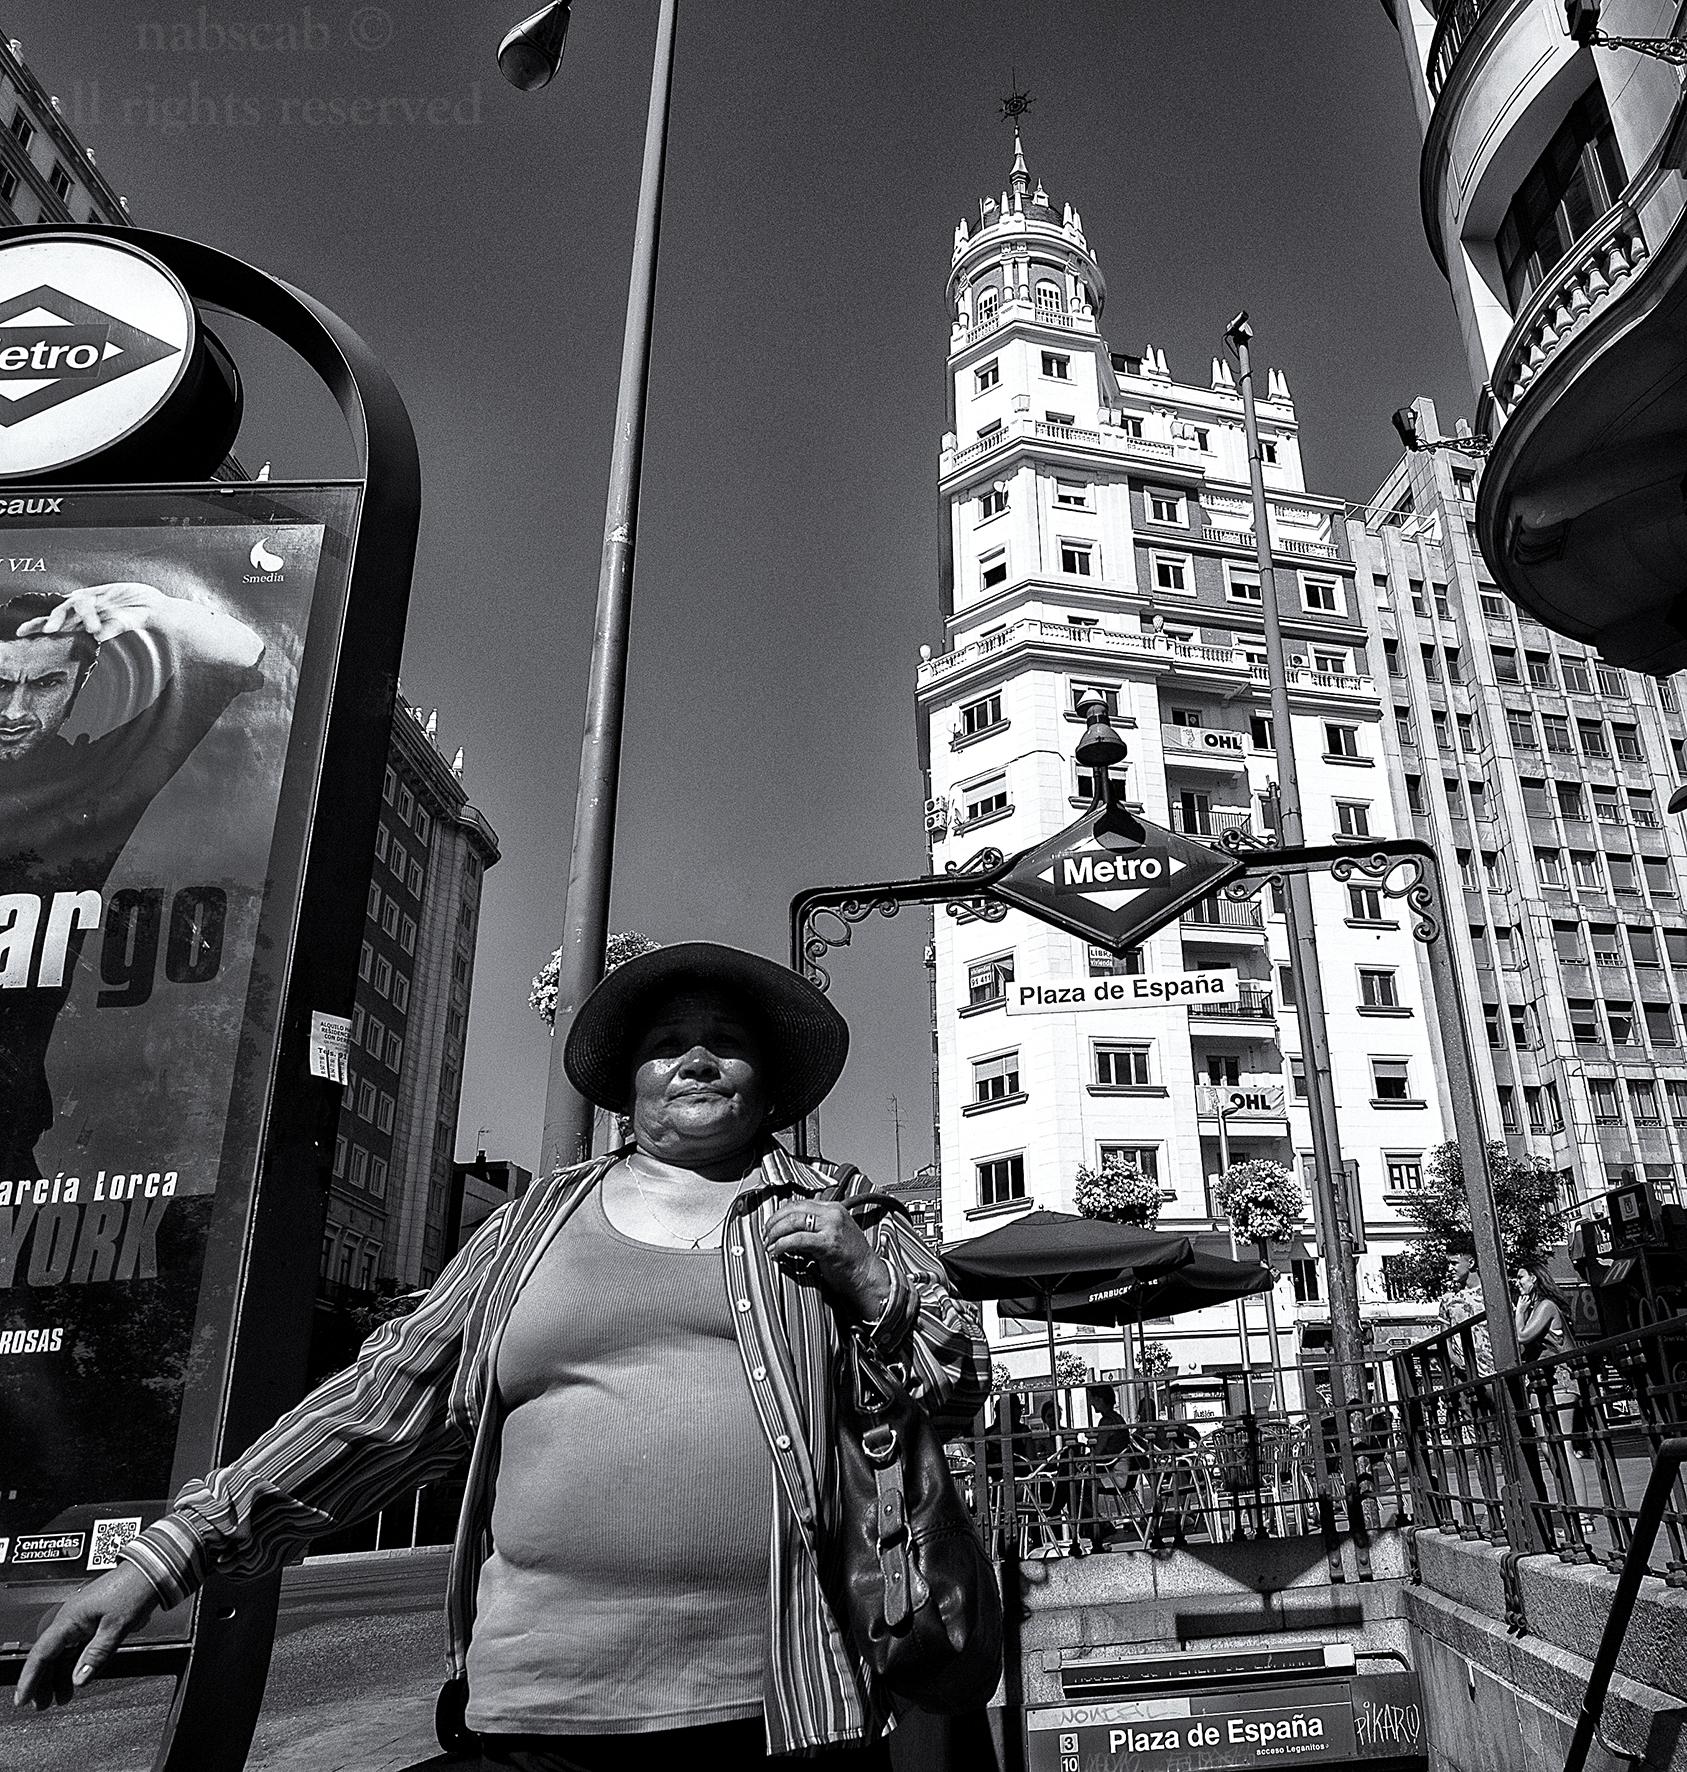 Turista en Plaza de España